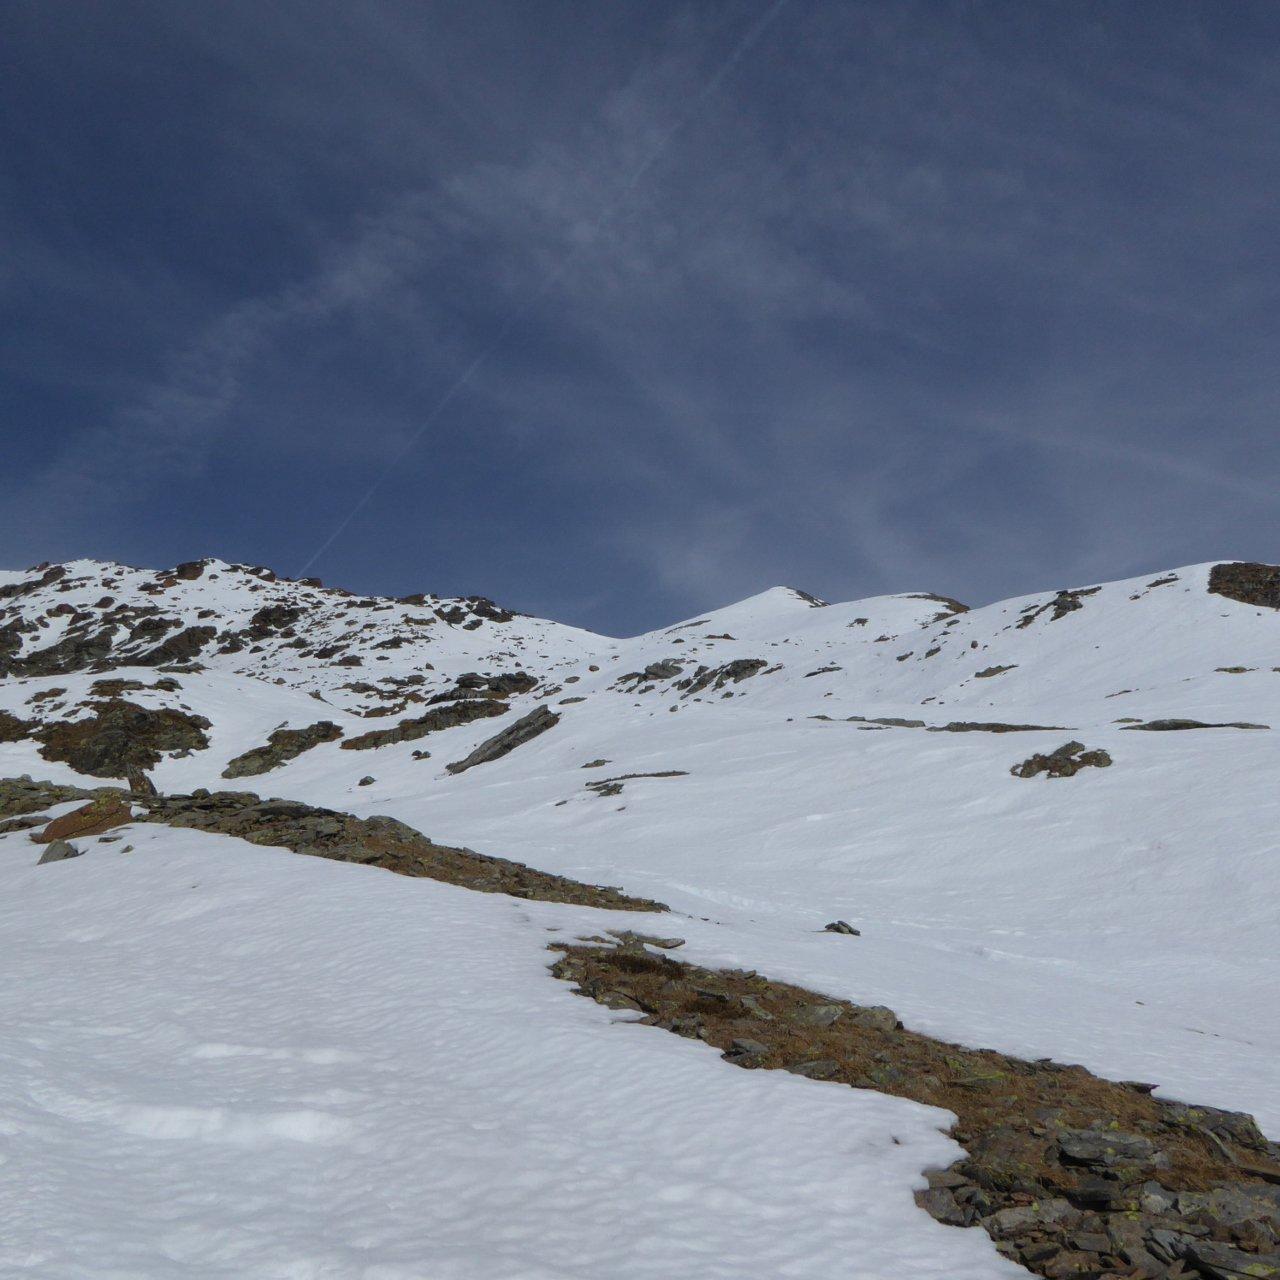 parte superiore della salita, comune con il percorso 1